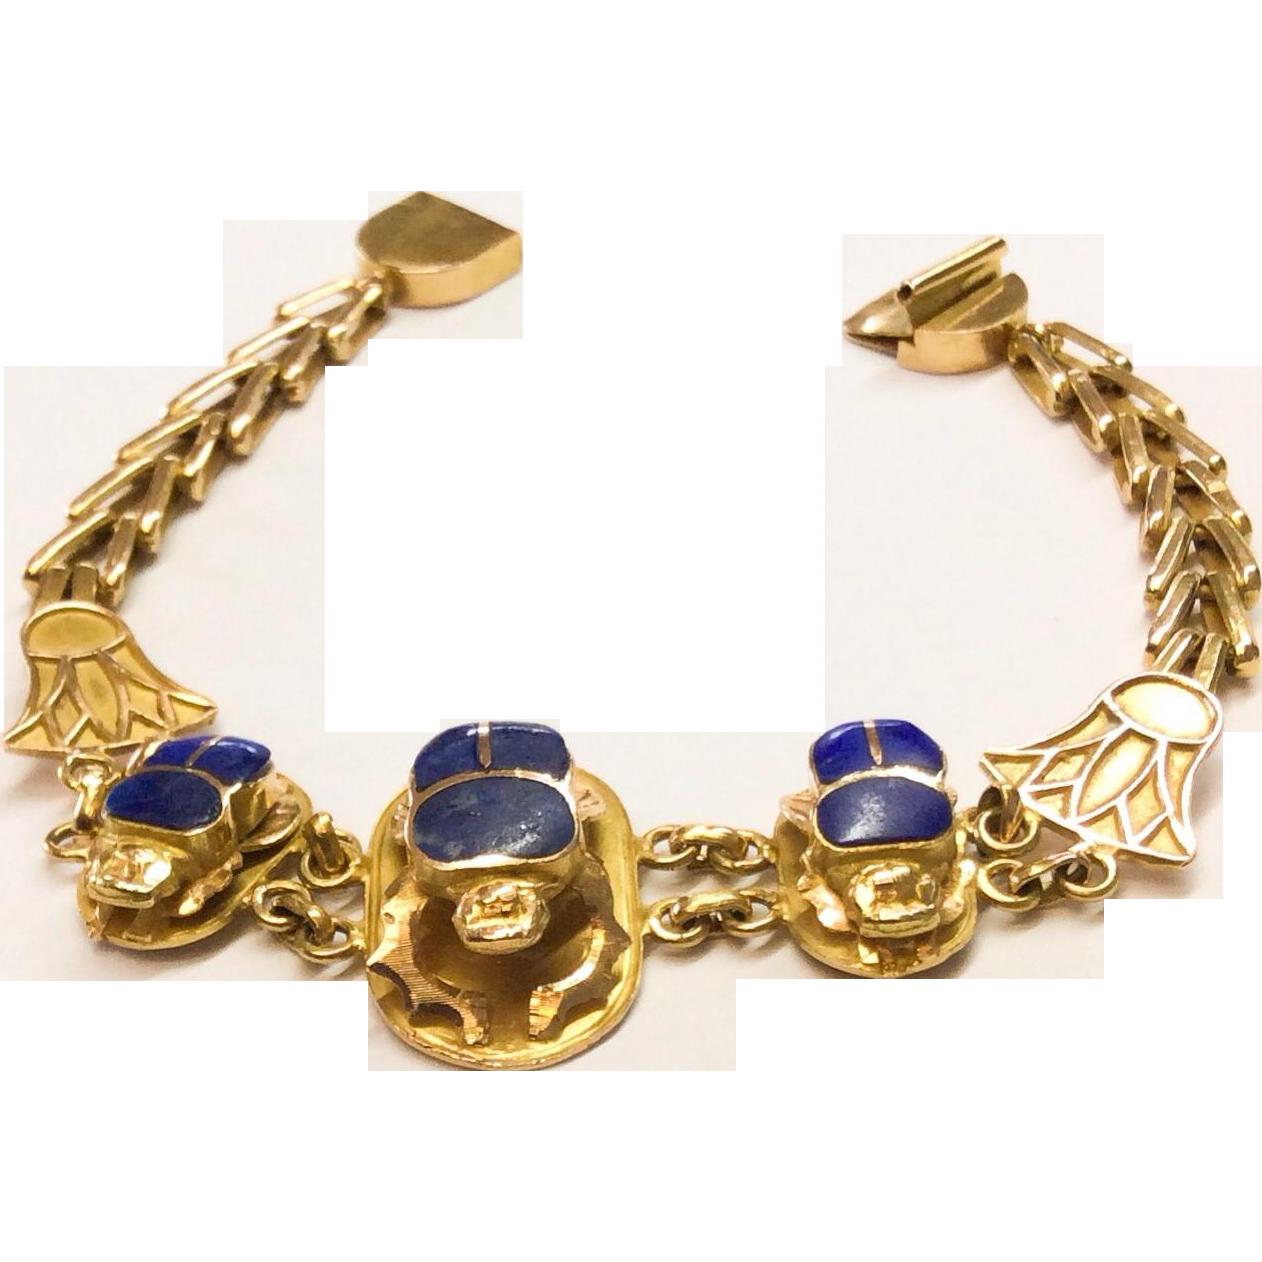 Vintage 1970's Estate Lapis and 18k Gold Scarab Bracelet